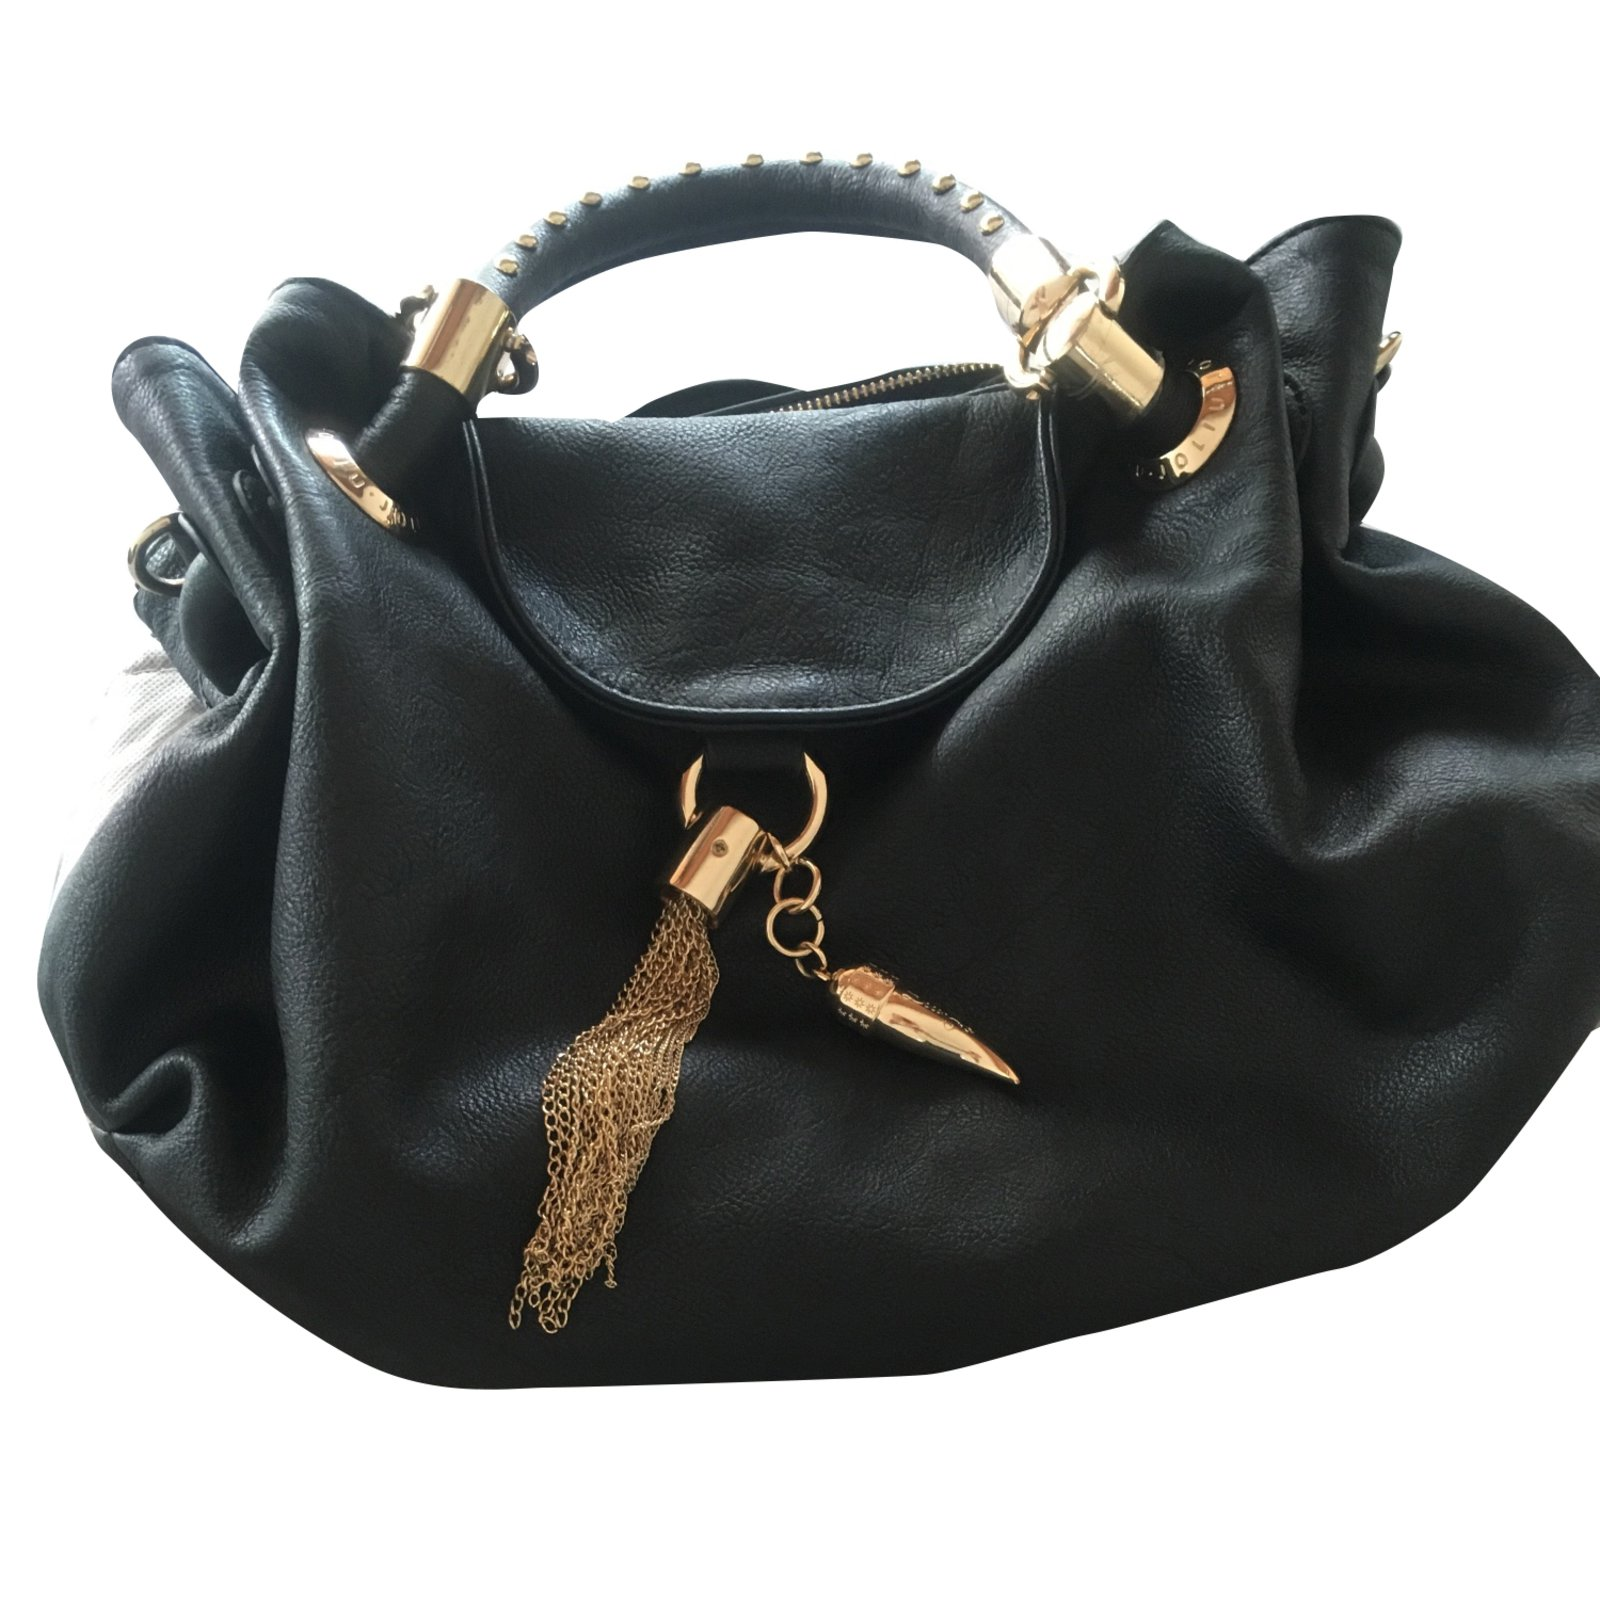 site réputé 2c650 05385 Sac noir porté main (ou bride) clouté et accessoires dorés LIU JO